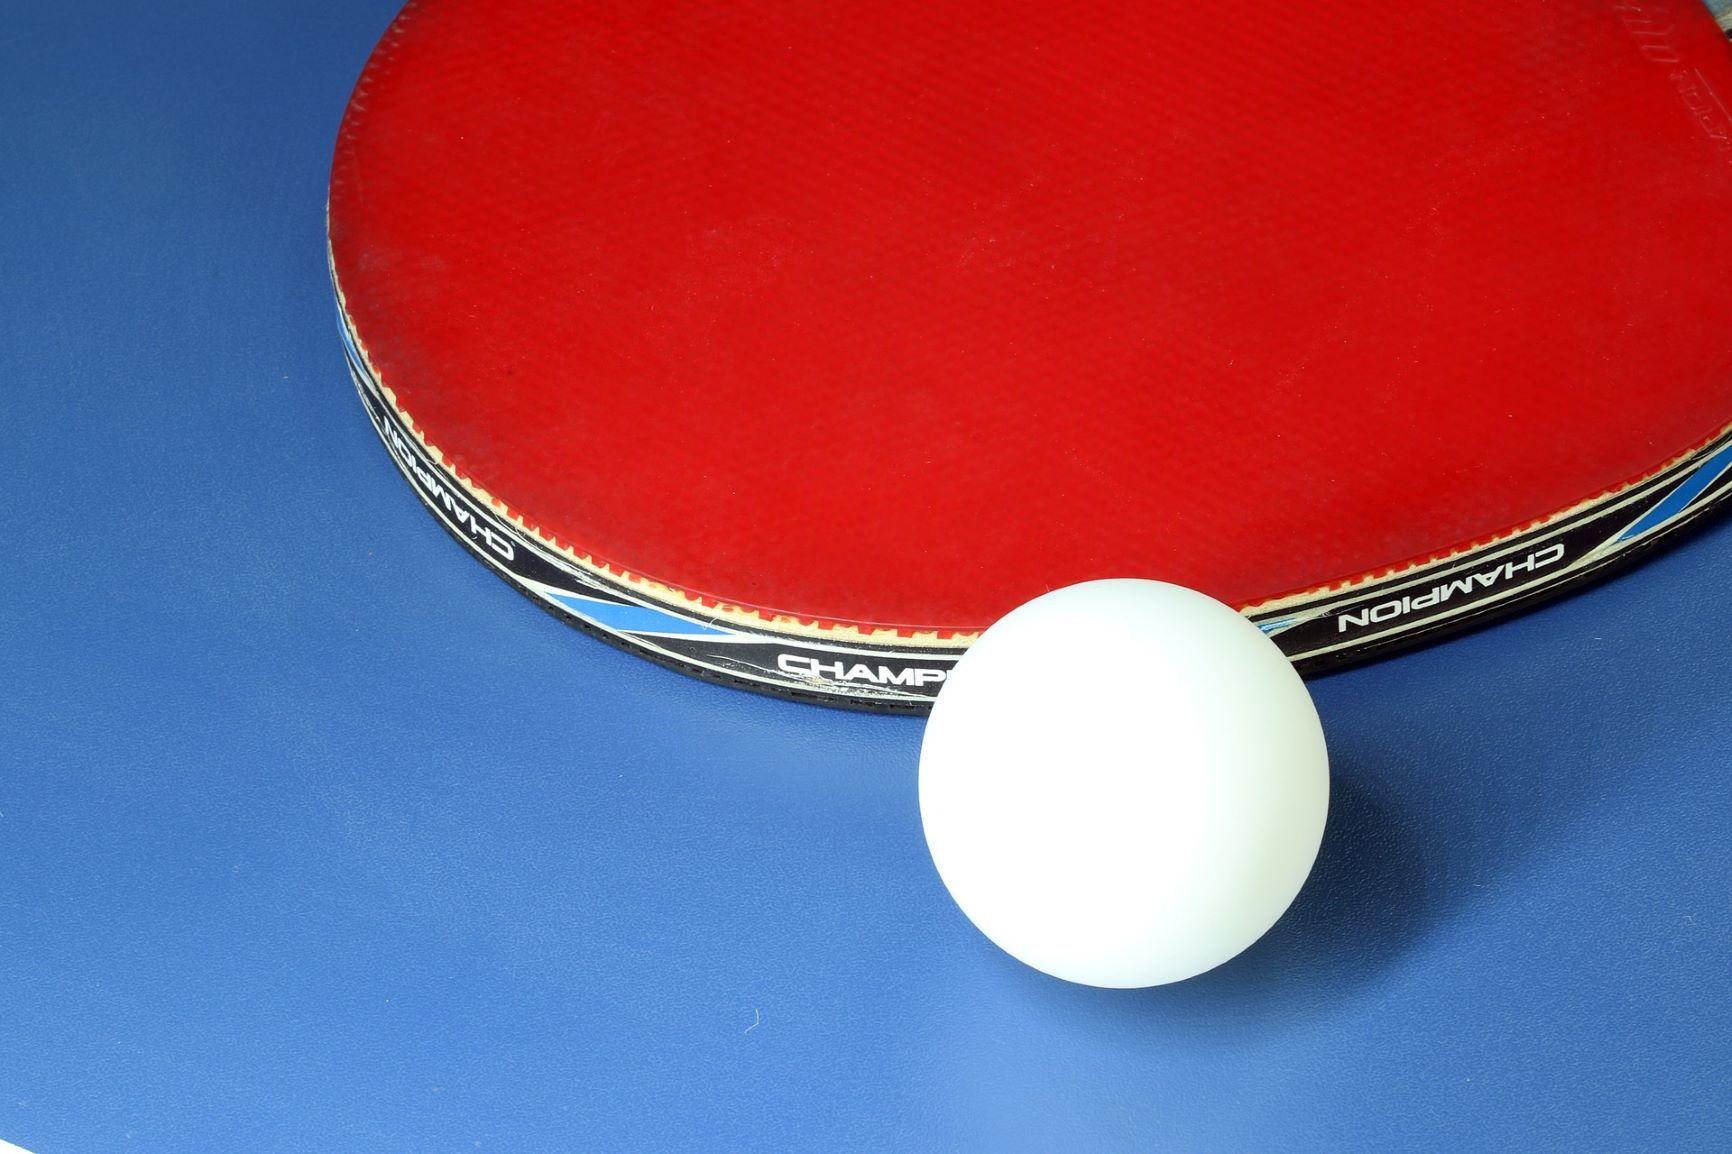 卓球のチキータとはどんな技?打ち方のコツや練習方法も紹介!